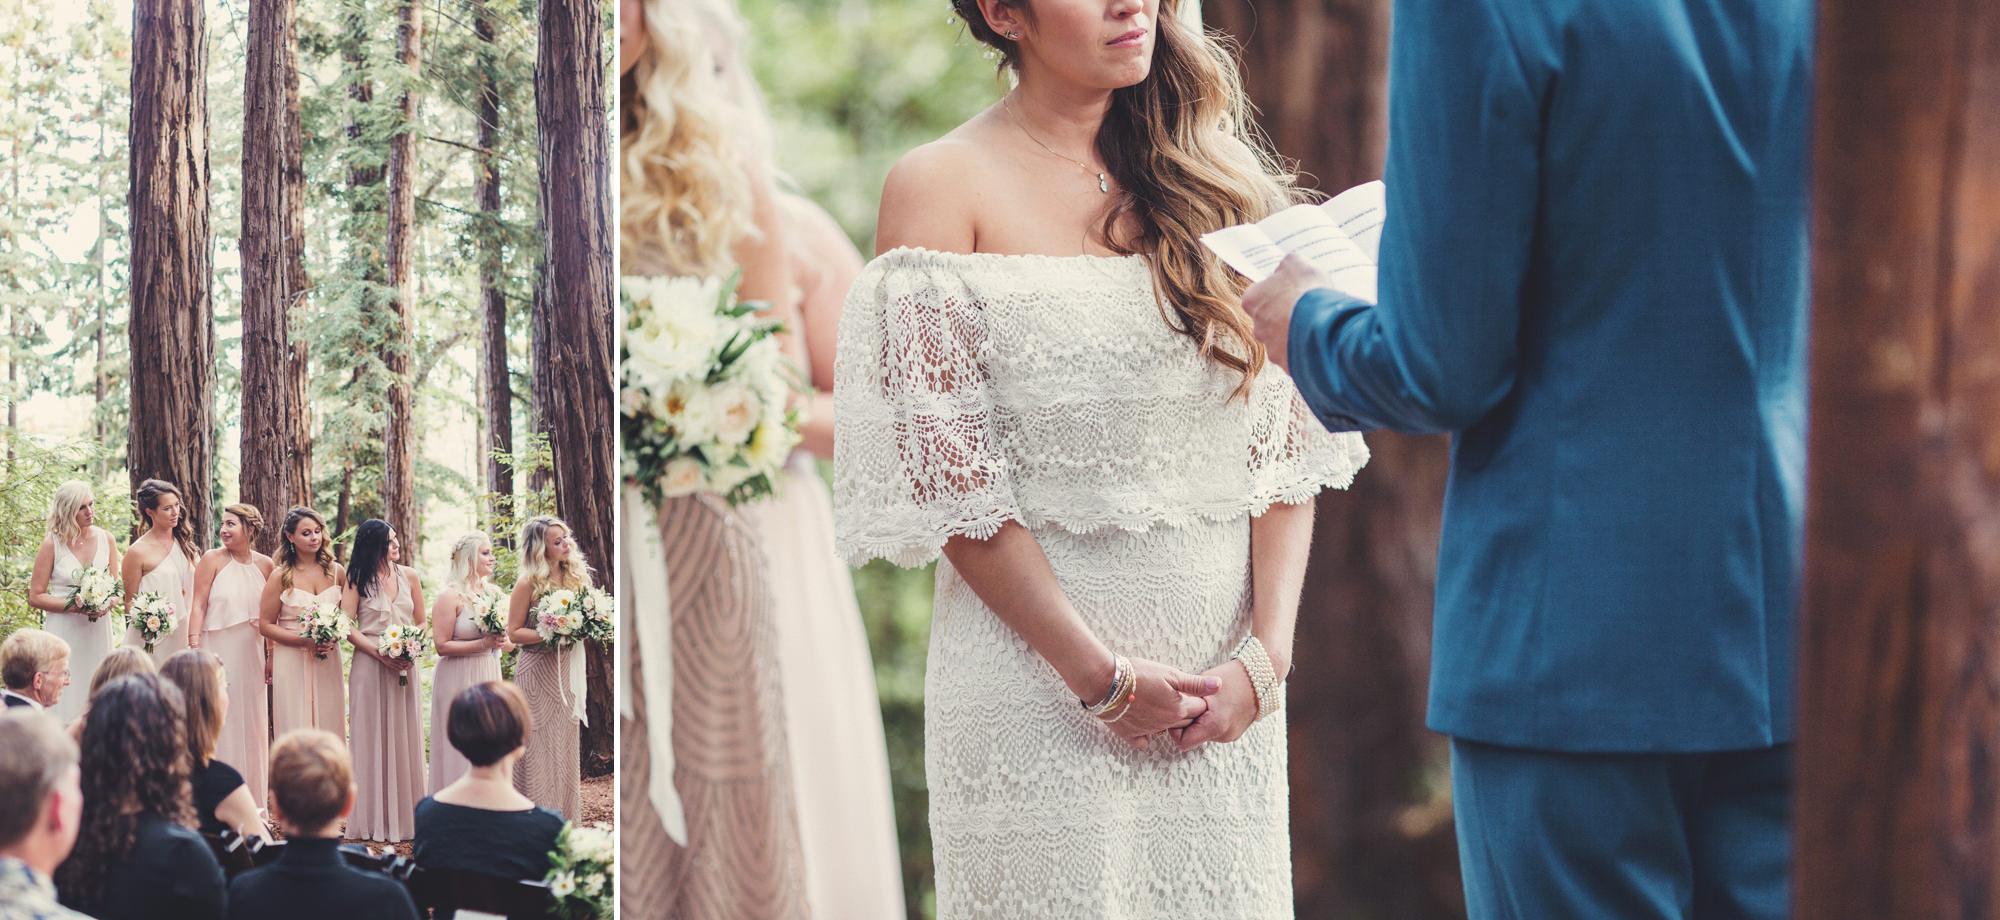 Sequoia Retreat Center Wedding@Anne-Claire Brun 81